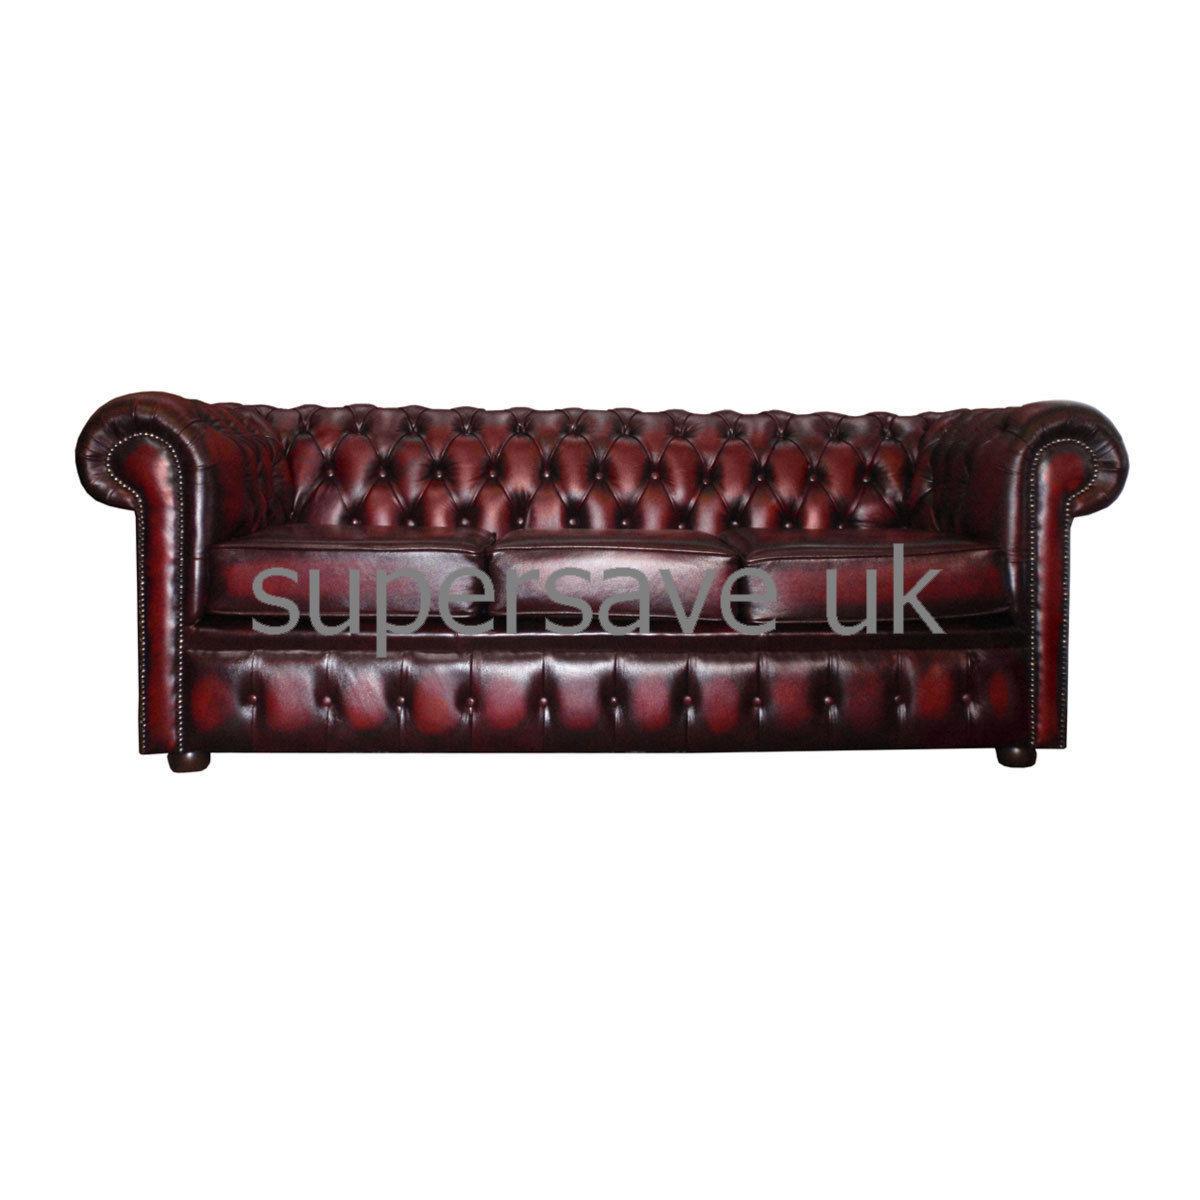 Chesterfield Sofas Und Sessel Gunstig Kaufen Ebay